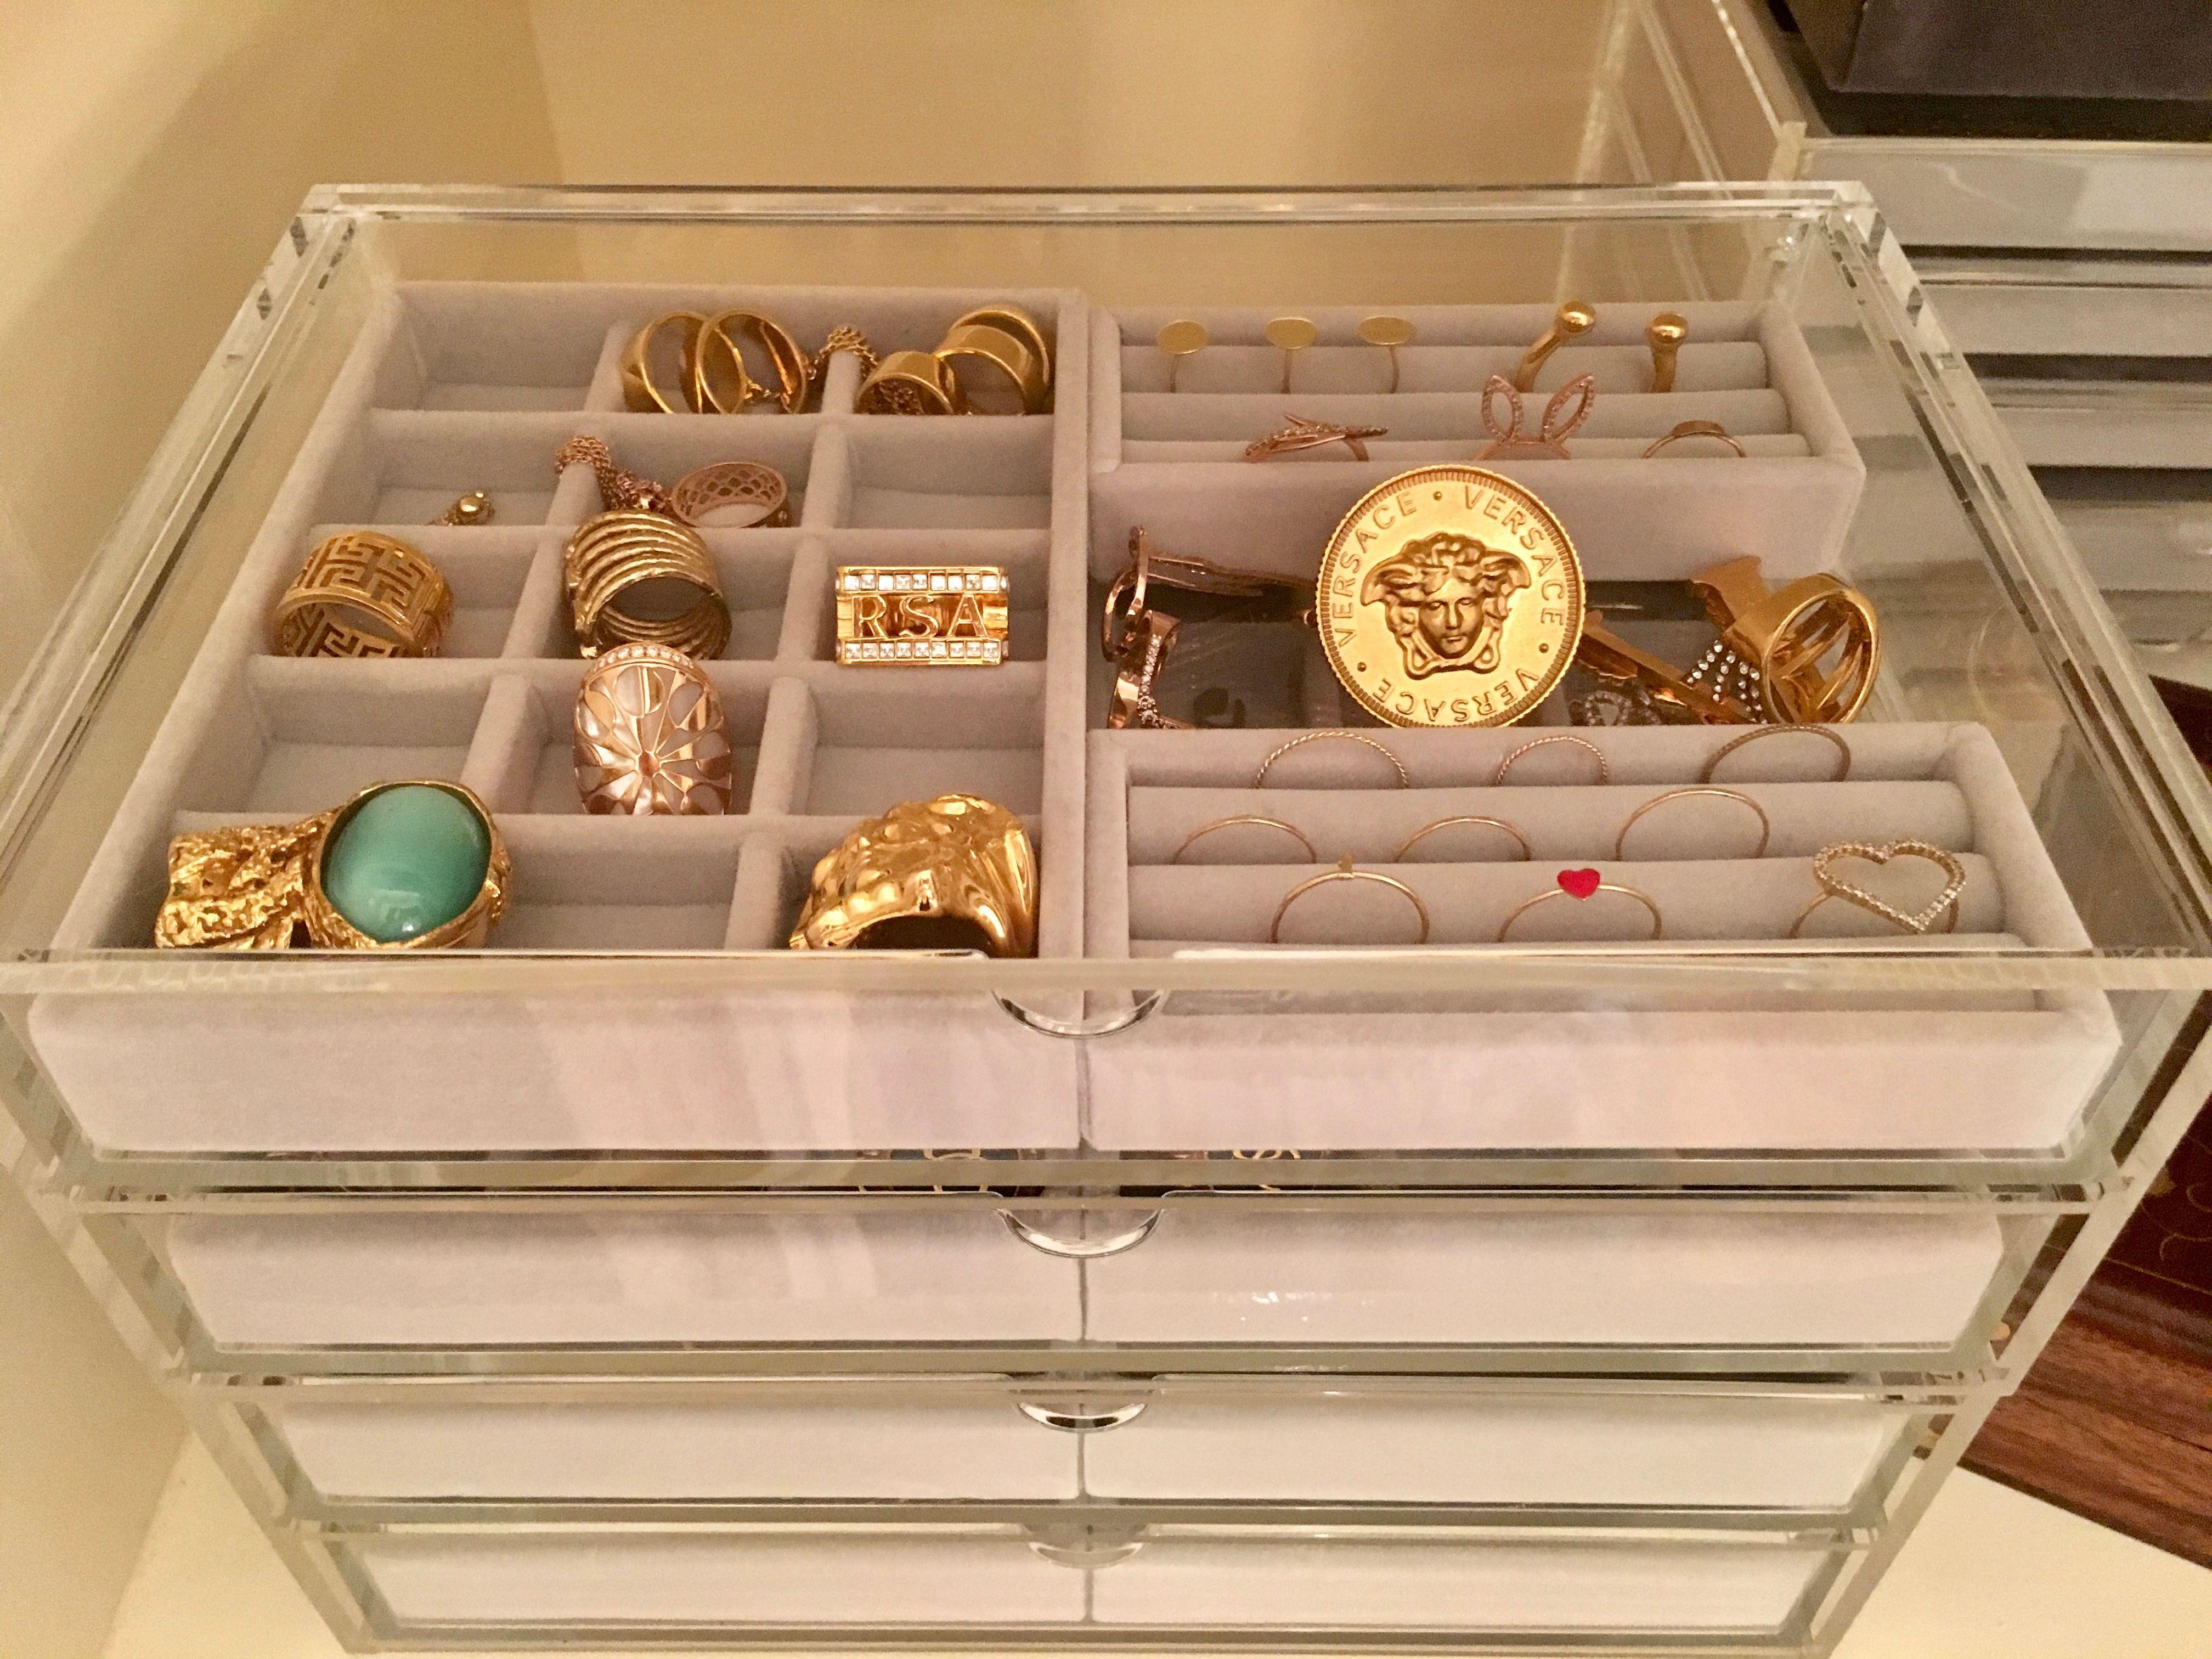 Organized Jewelry Drawers Organizational Design Jewelry Organizer Drawer Jewelry Drawer